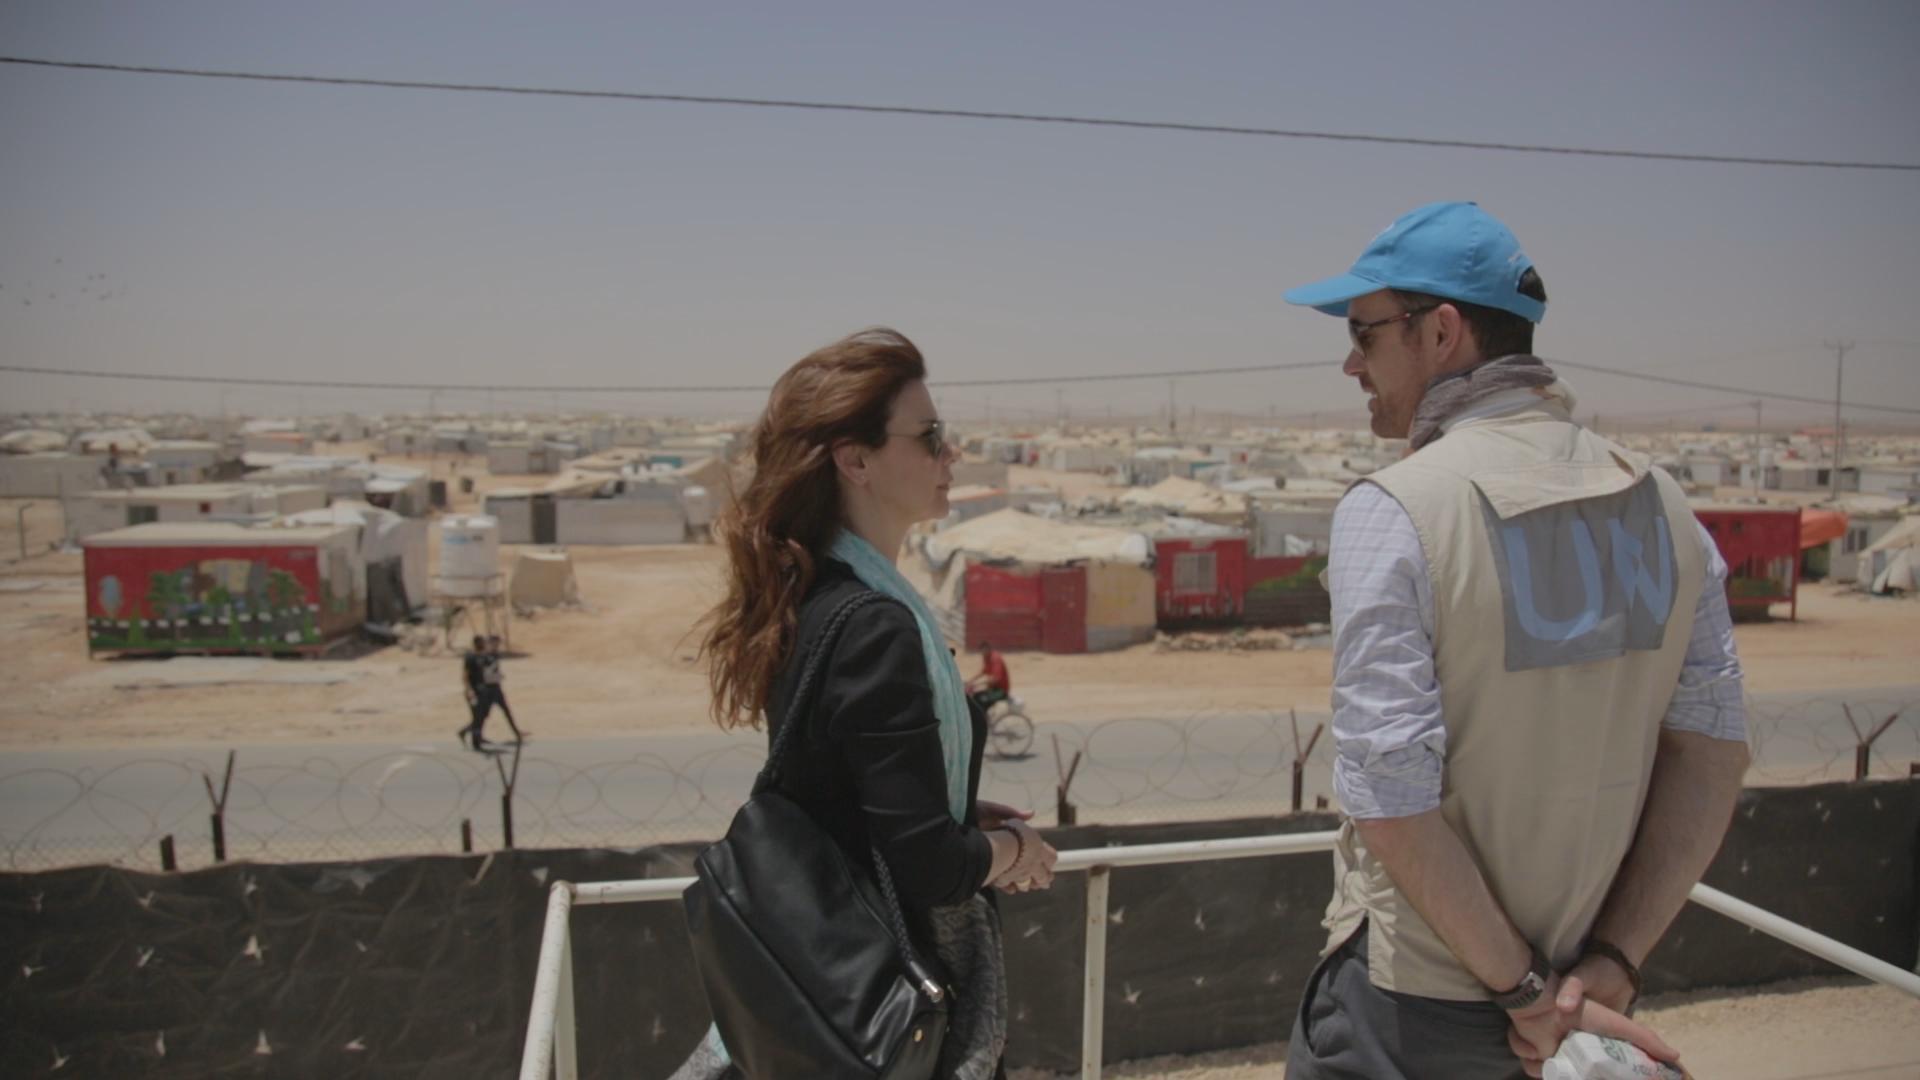 ΠΡΟΣΩΠΙΚΑ Ιορδανία προσφυγικός καταυλισμός Αλ Ζαάταρι (2)